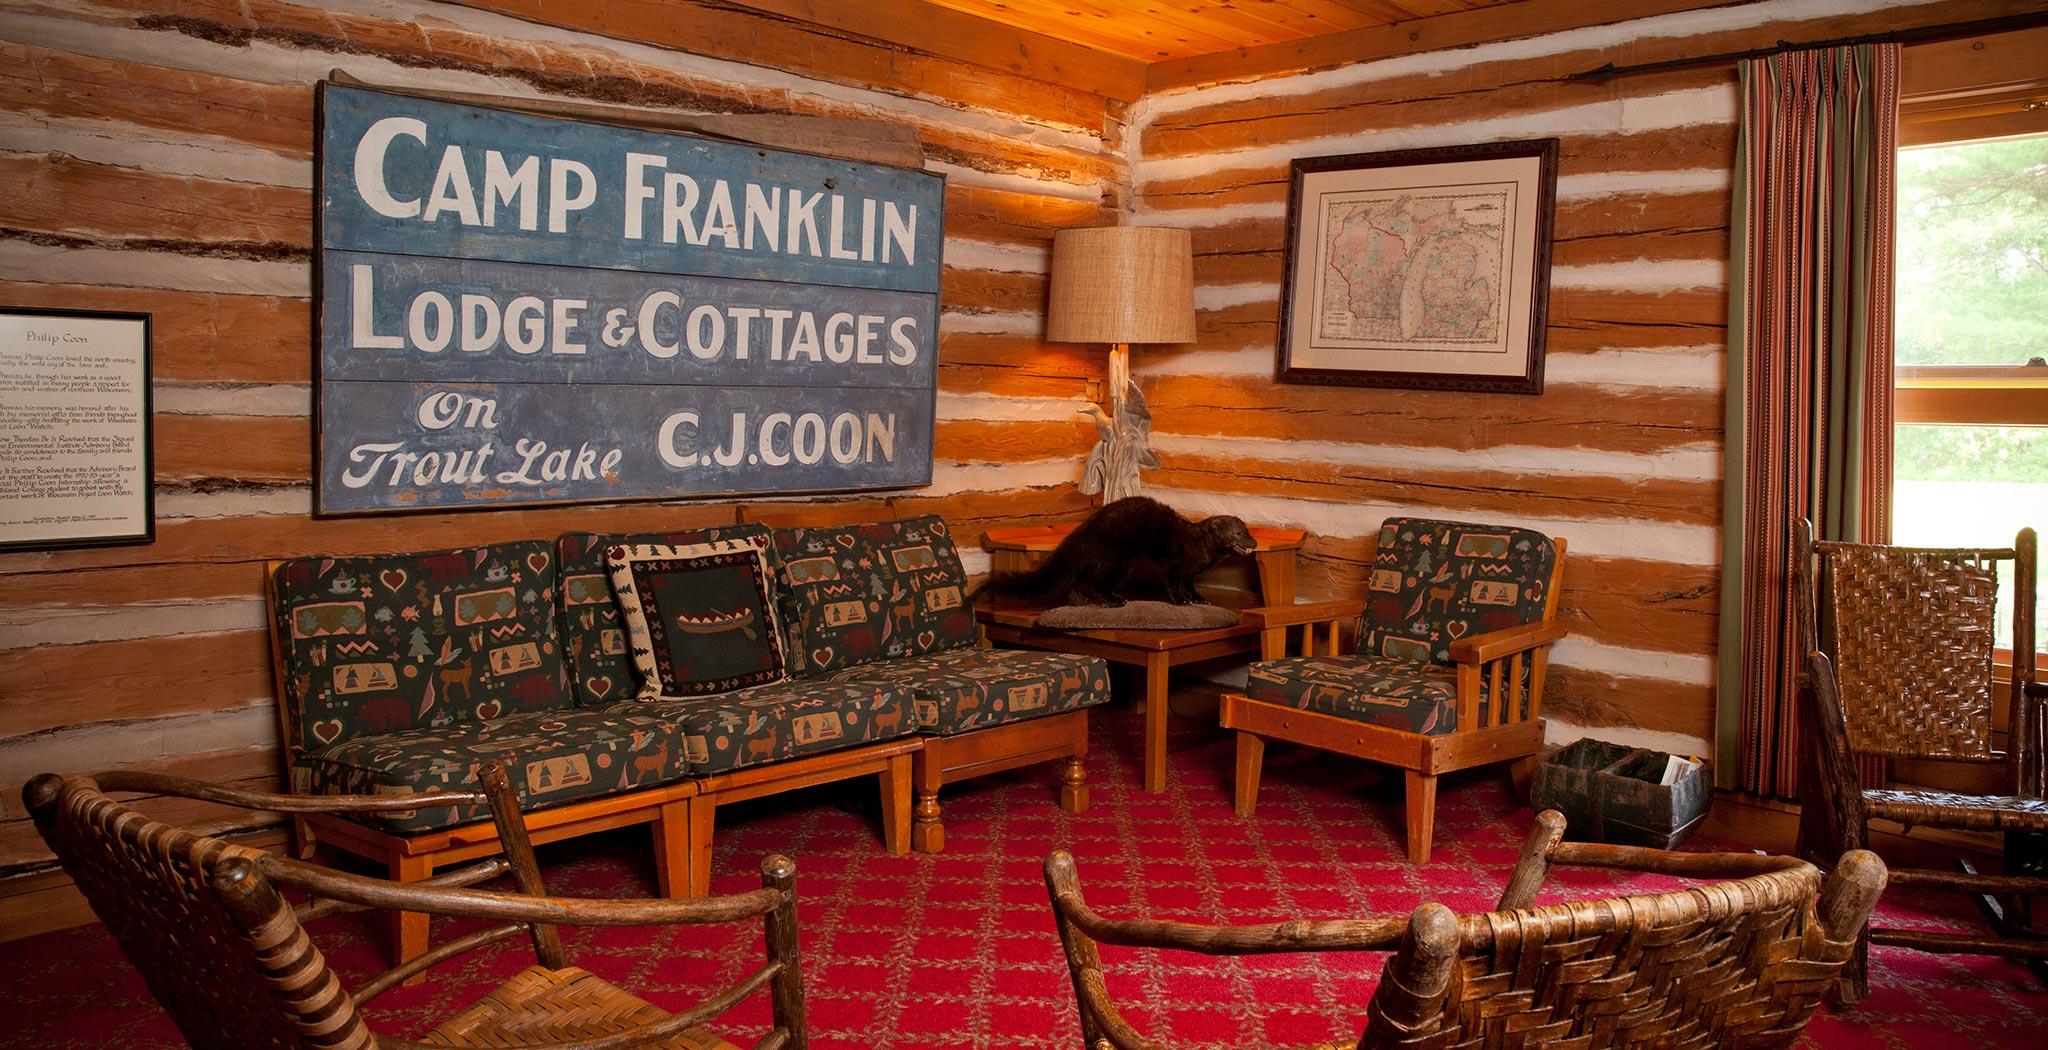 Boulder Junction Accommodations   Coonu0027s Franklin Lodge